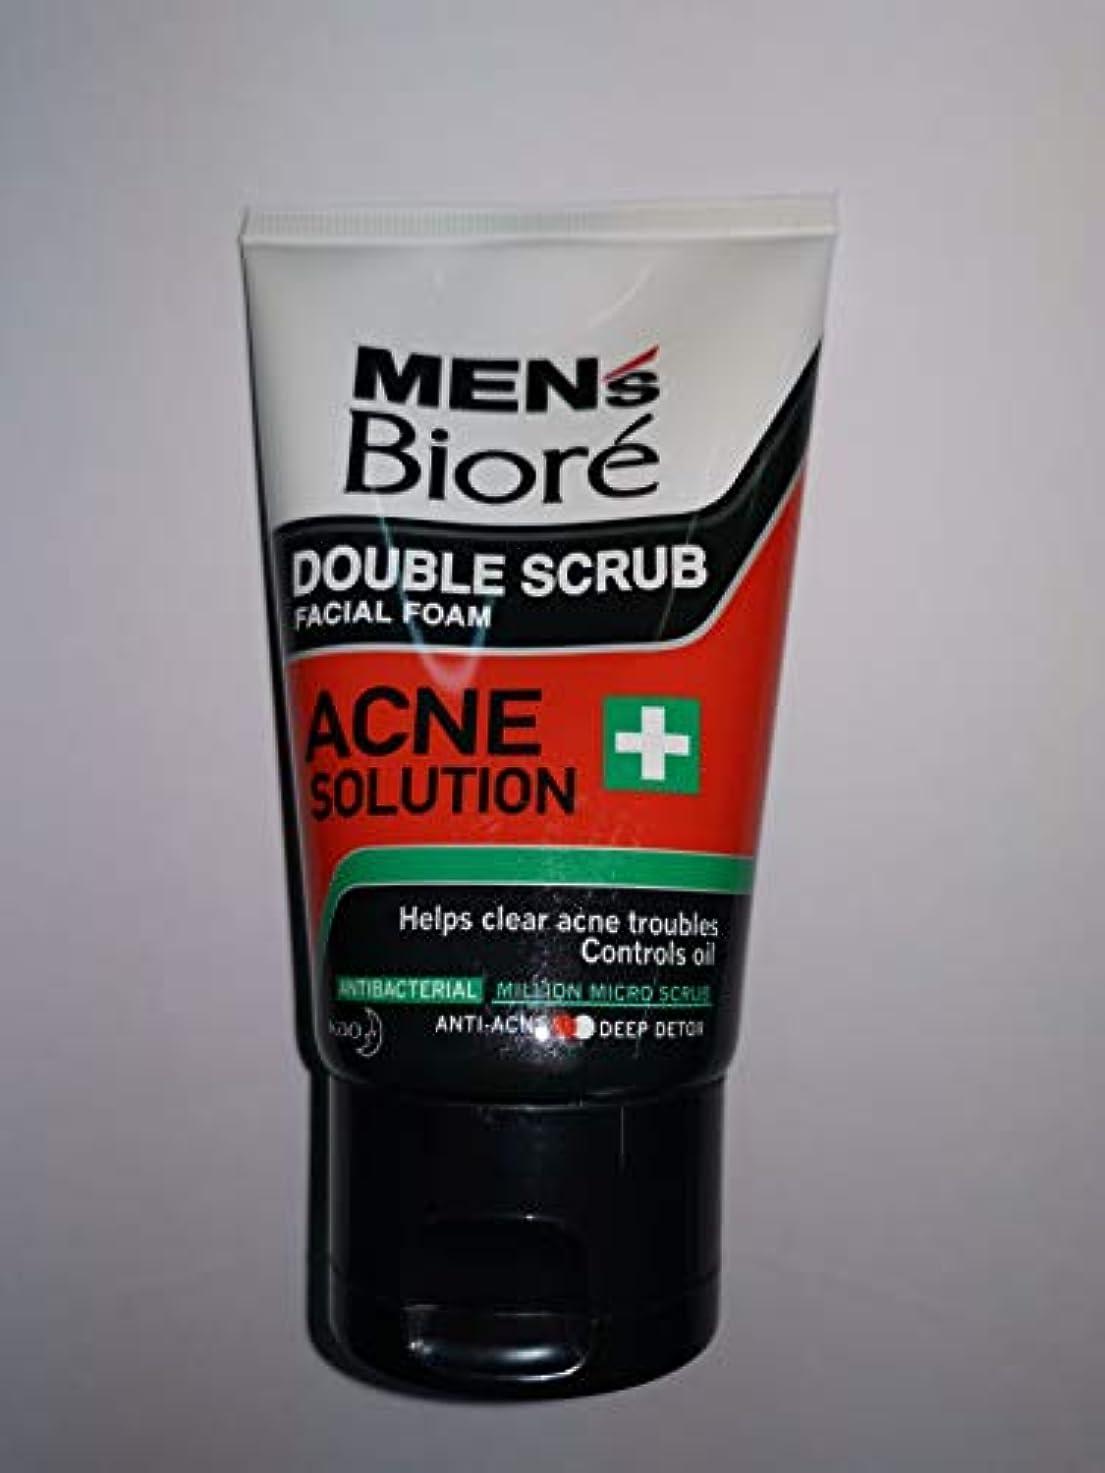 アルバム告白Biore Men's ダブル洗浄液百グラムのにきびクリアにきびのトラブル、オイルコントロール、抗細菌、抗ニキビ、深い解毒